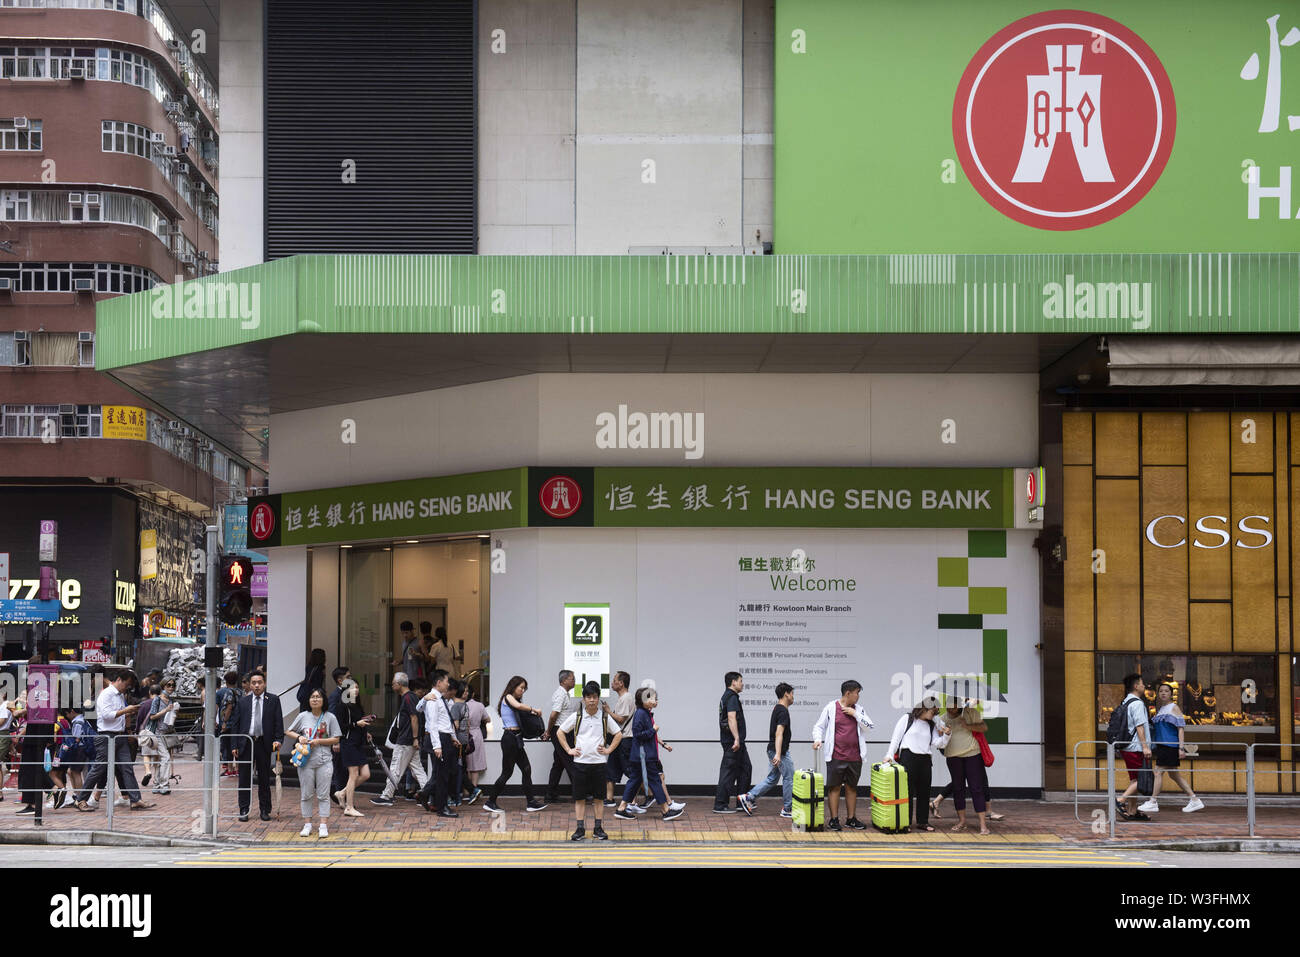 July 12, 2019 - Hong Kong, China - Hang Seng Bank branch is seen in Hong Kong. (Credit Image: © Budrul Chukrut/SOPA Images via ZUMA Wire) - Stock Image